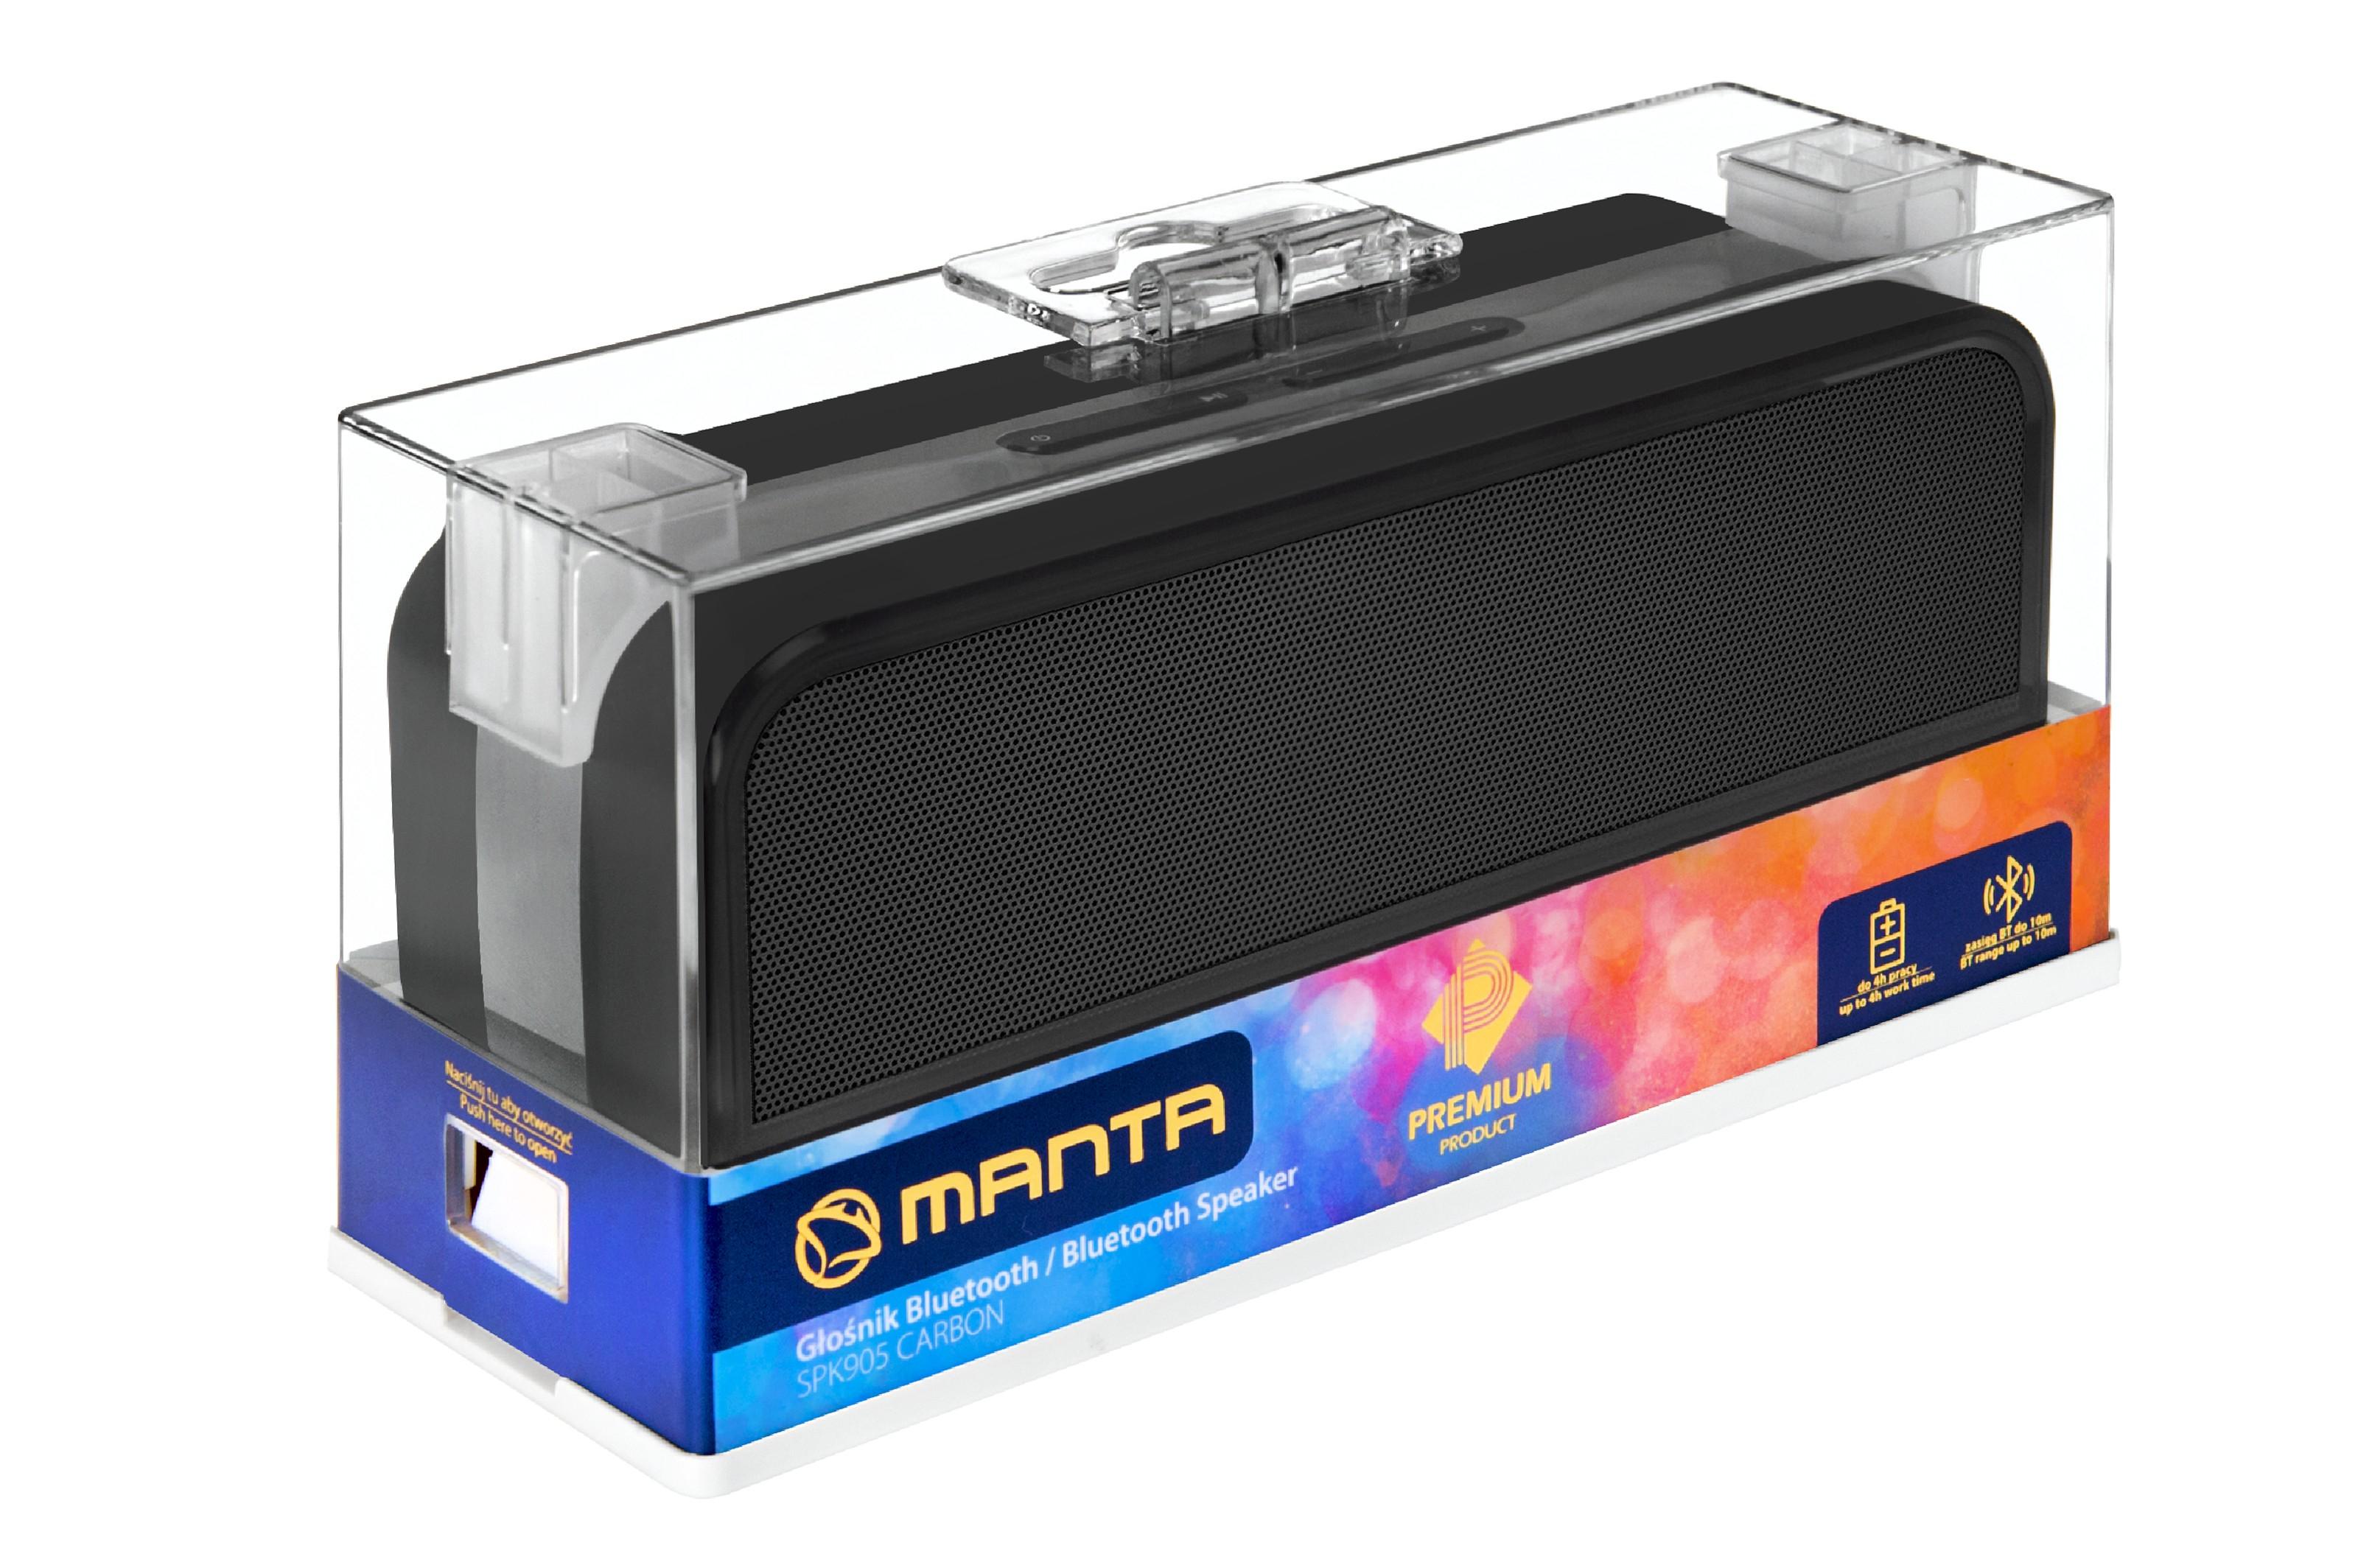 Głośnik bezprzewodowy SPK905 Manta bluetooth